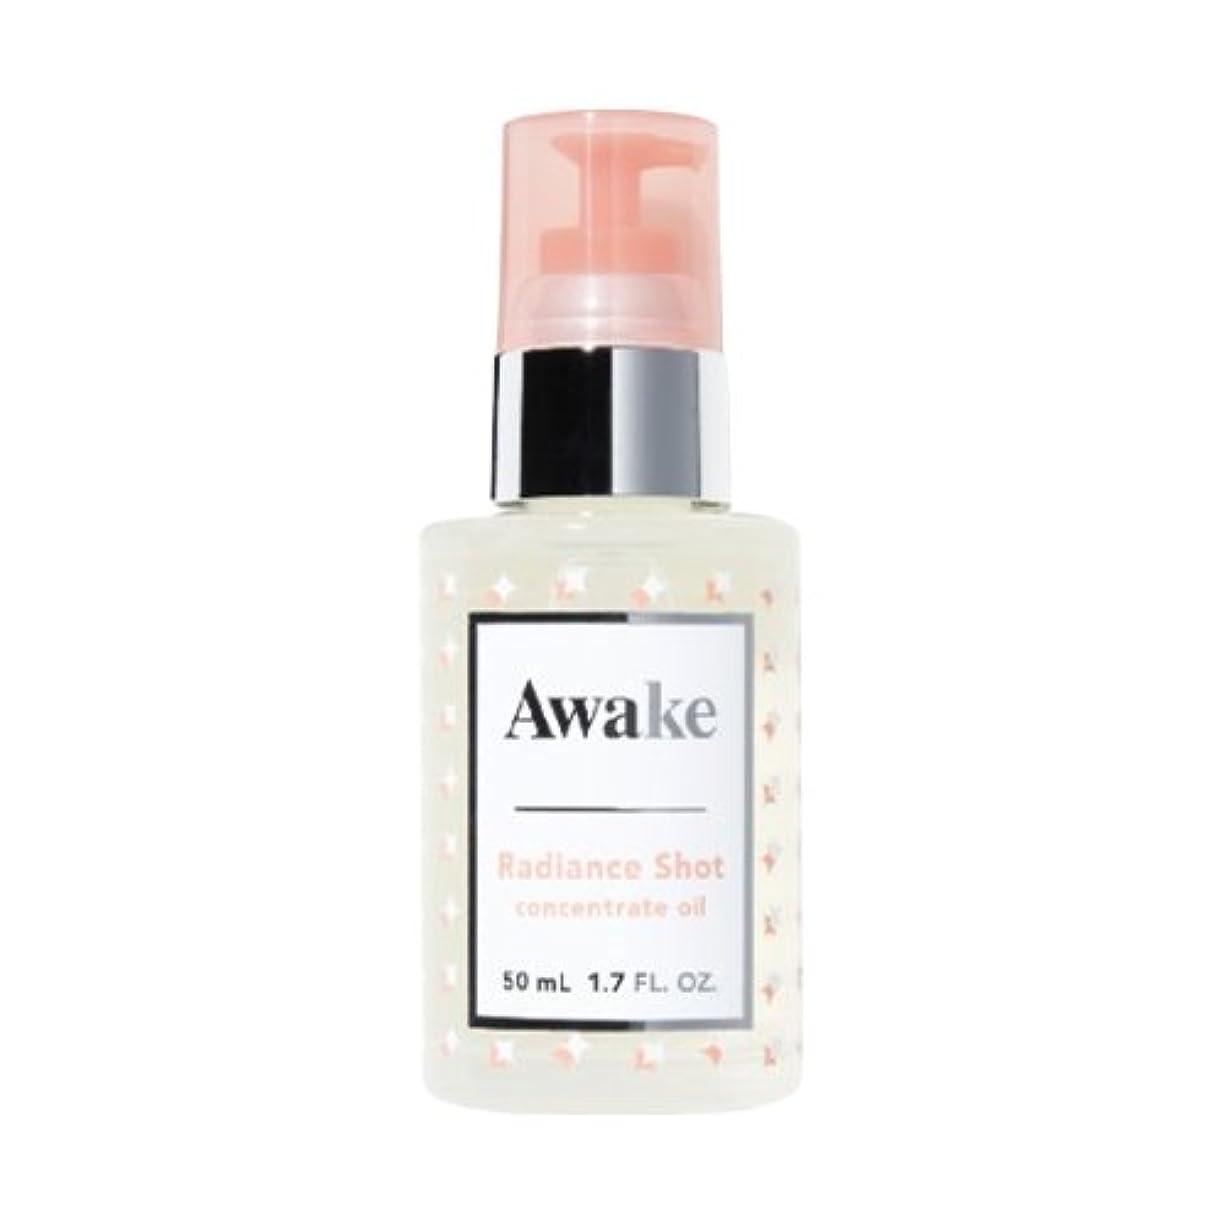 酸化するとして作成者アウェイク(AWAKE) Awake(アウェイク) ラディアンスショット コンセントレイトオイル 〈美容オイル〉 (50mL)